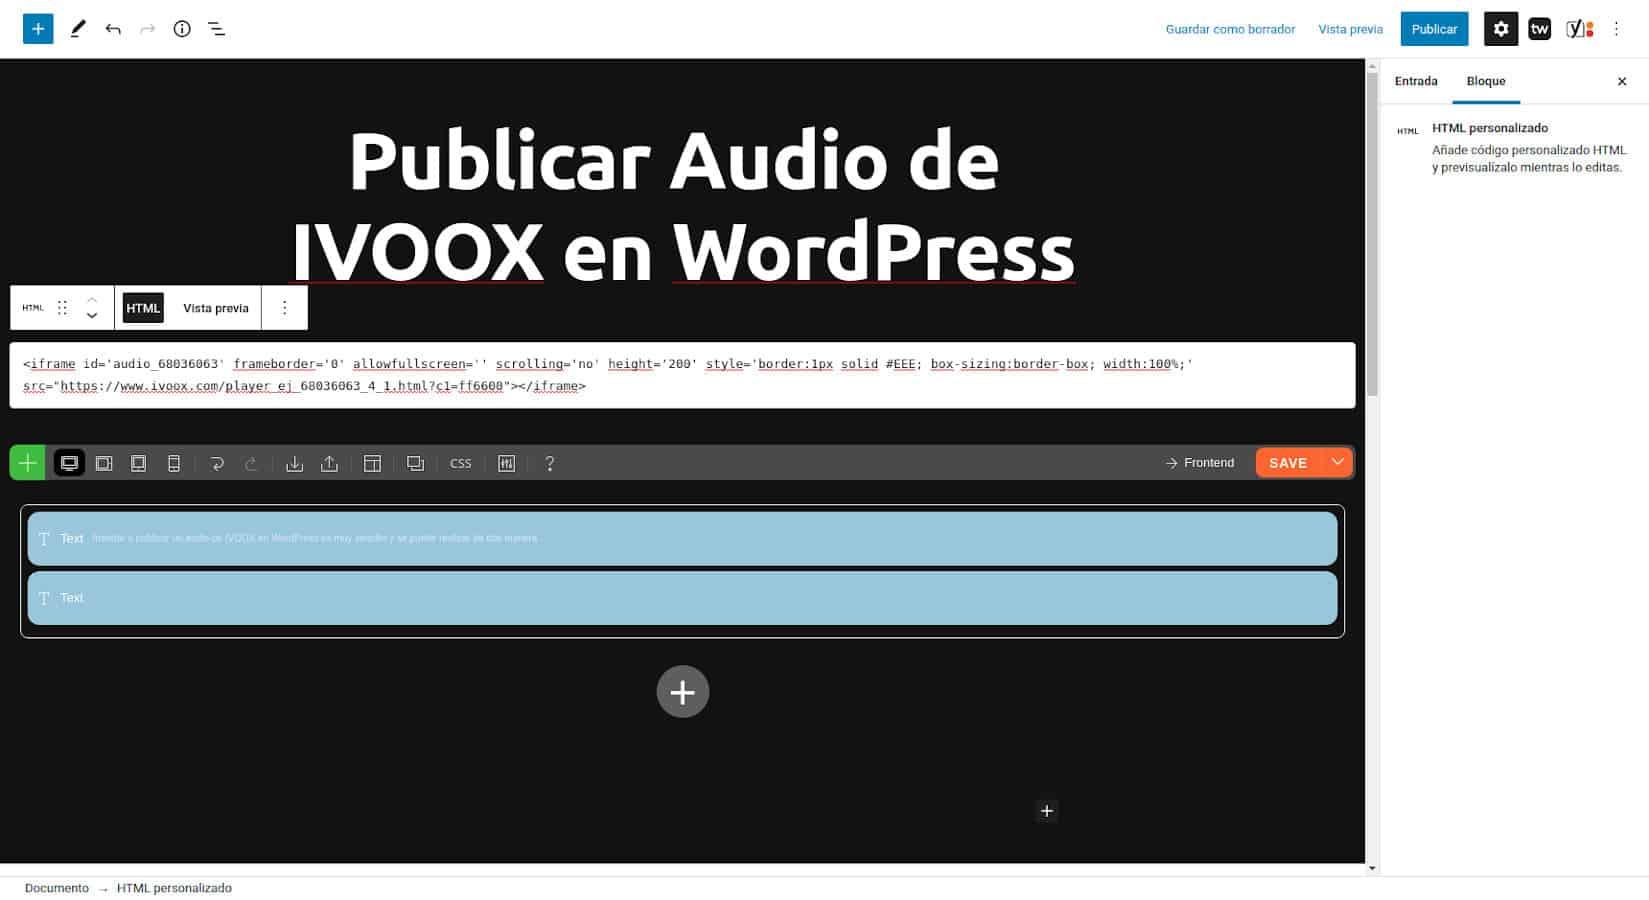 Insertar Audio de IVOOX en WordPress - Pegar código